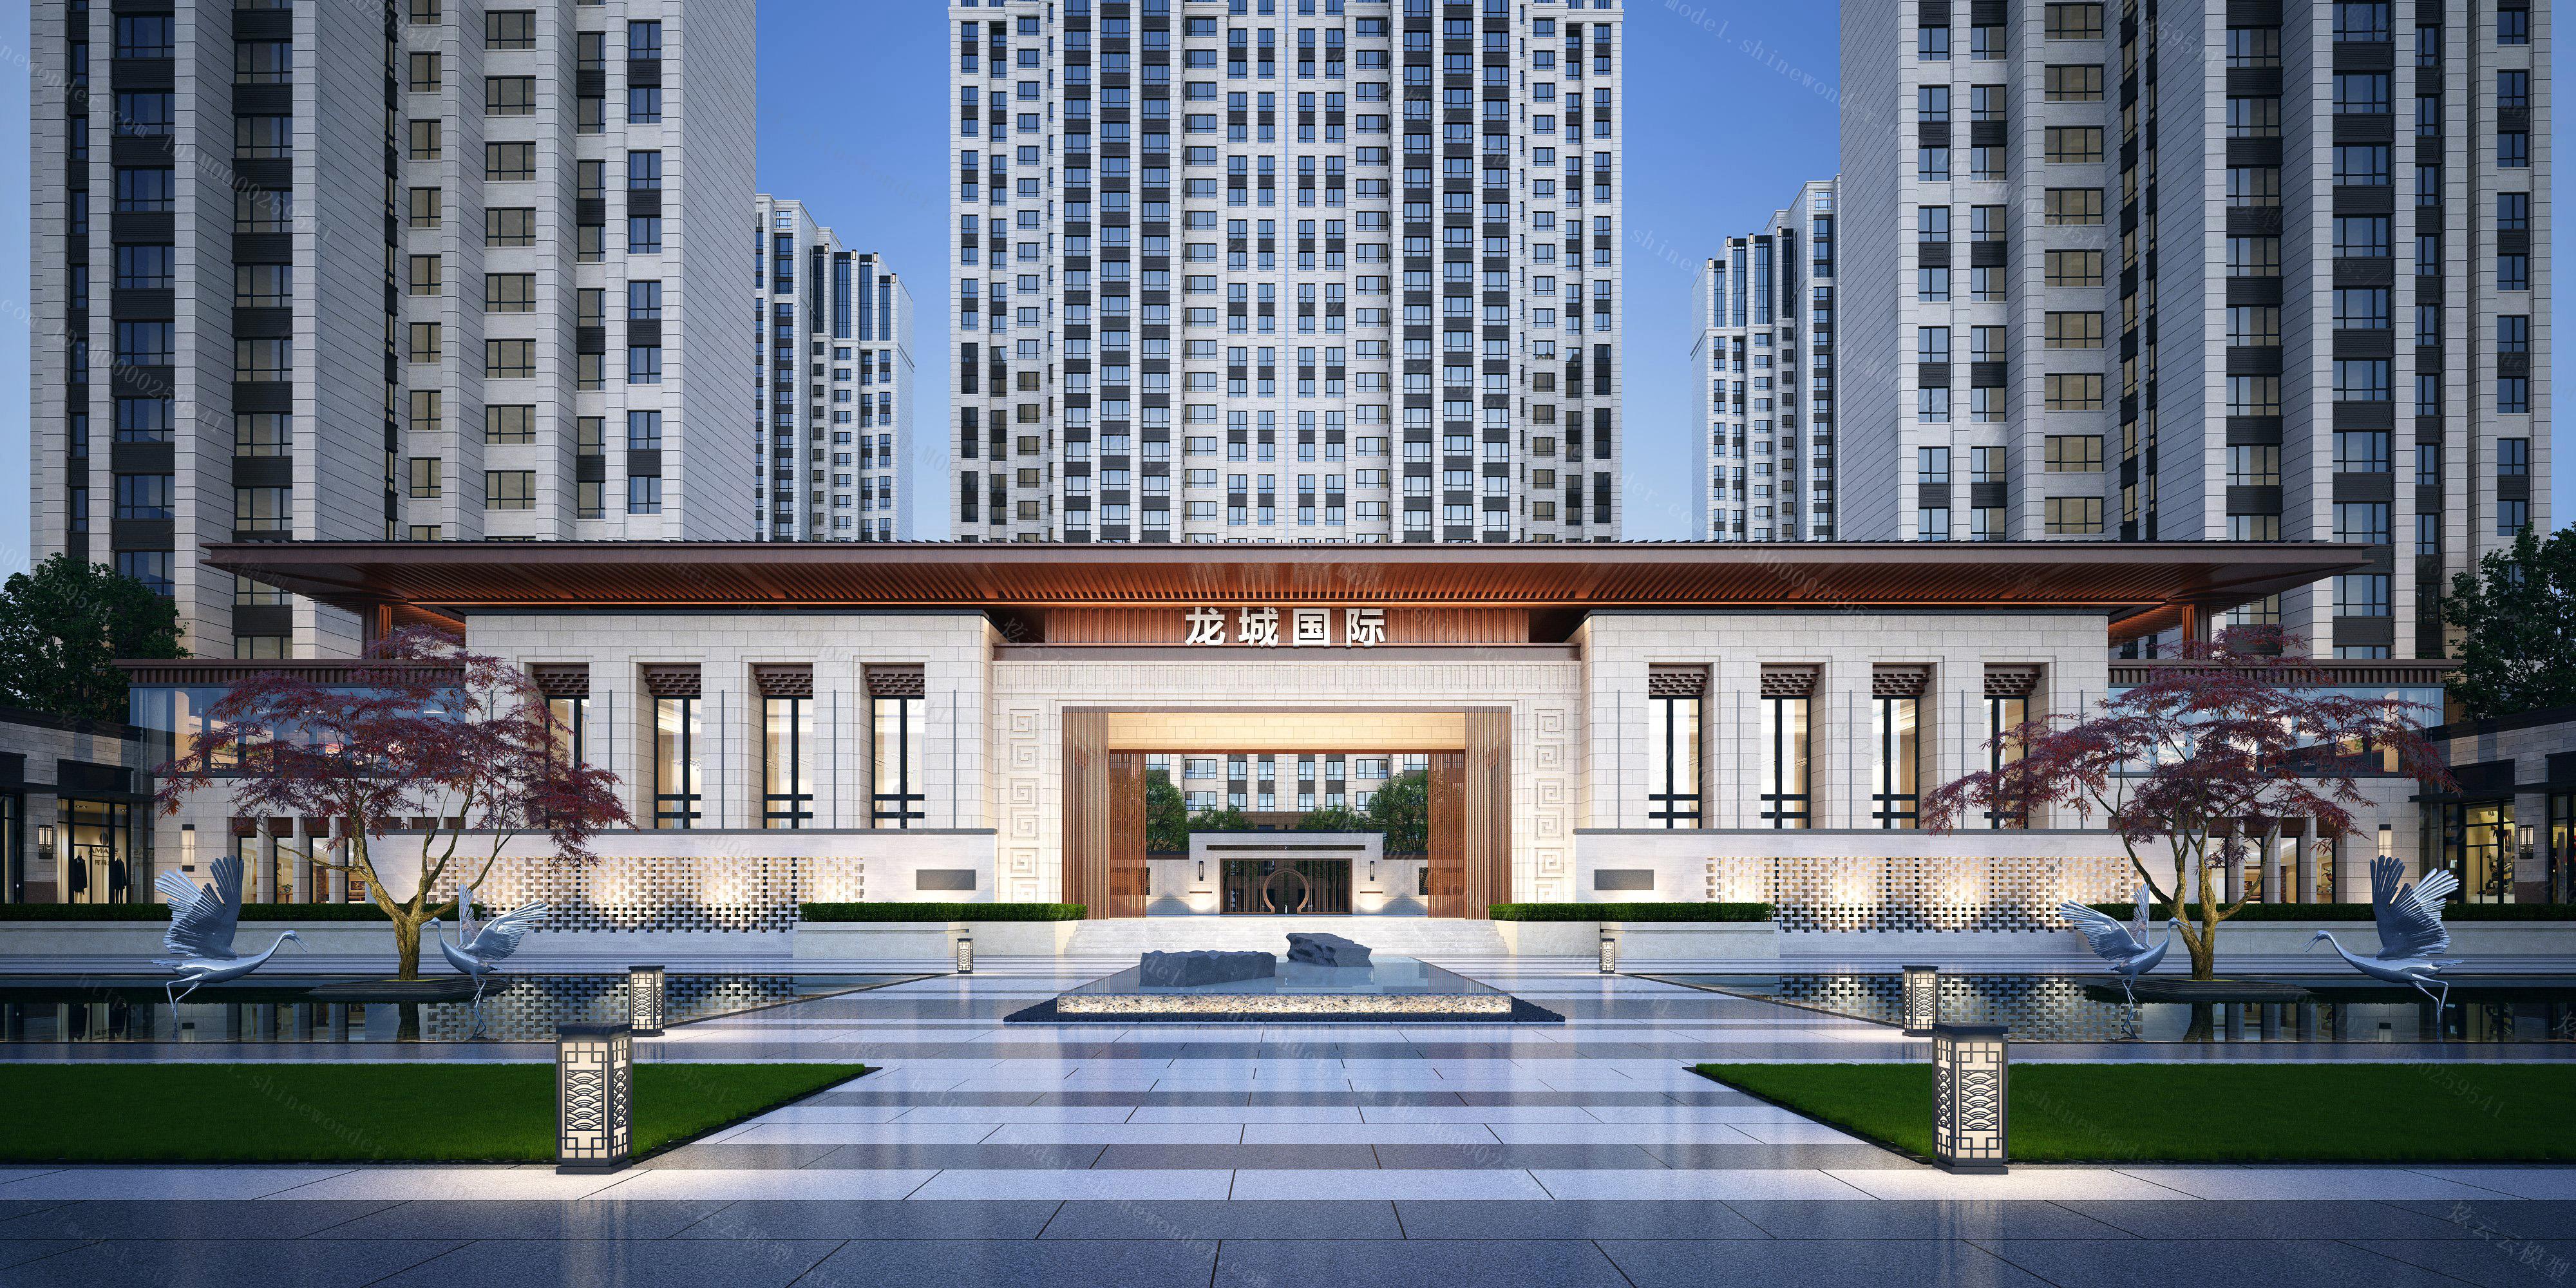 大门入口建筑模型